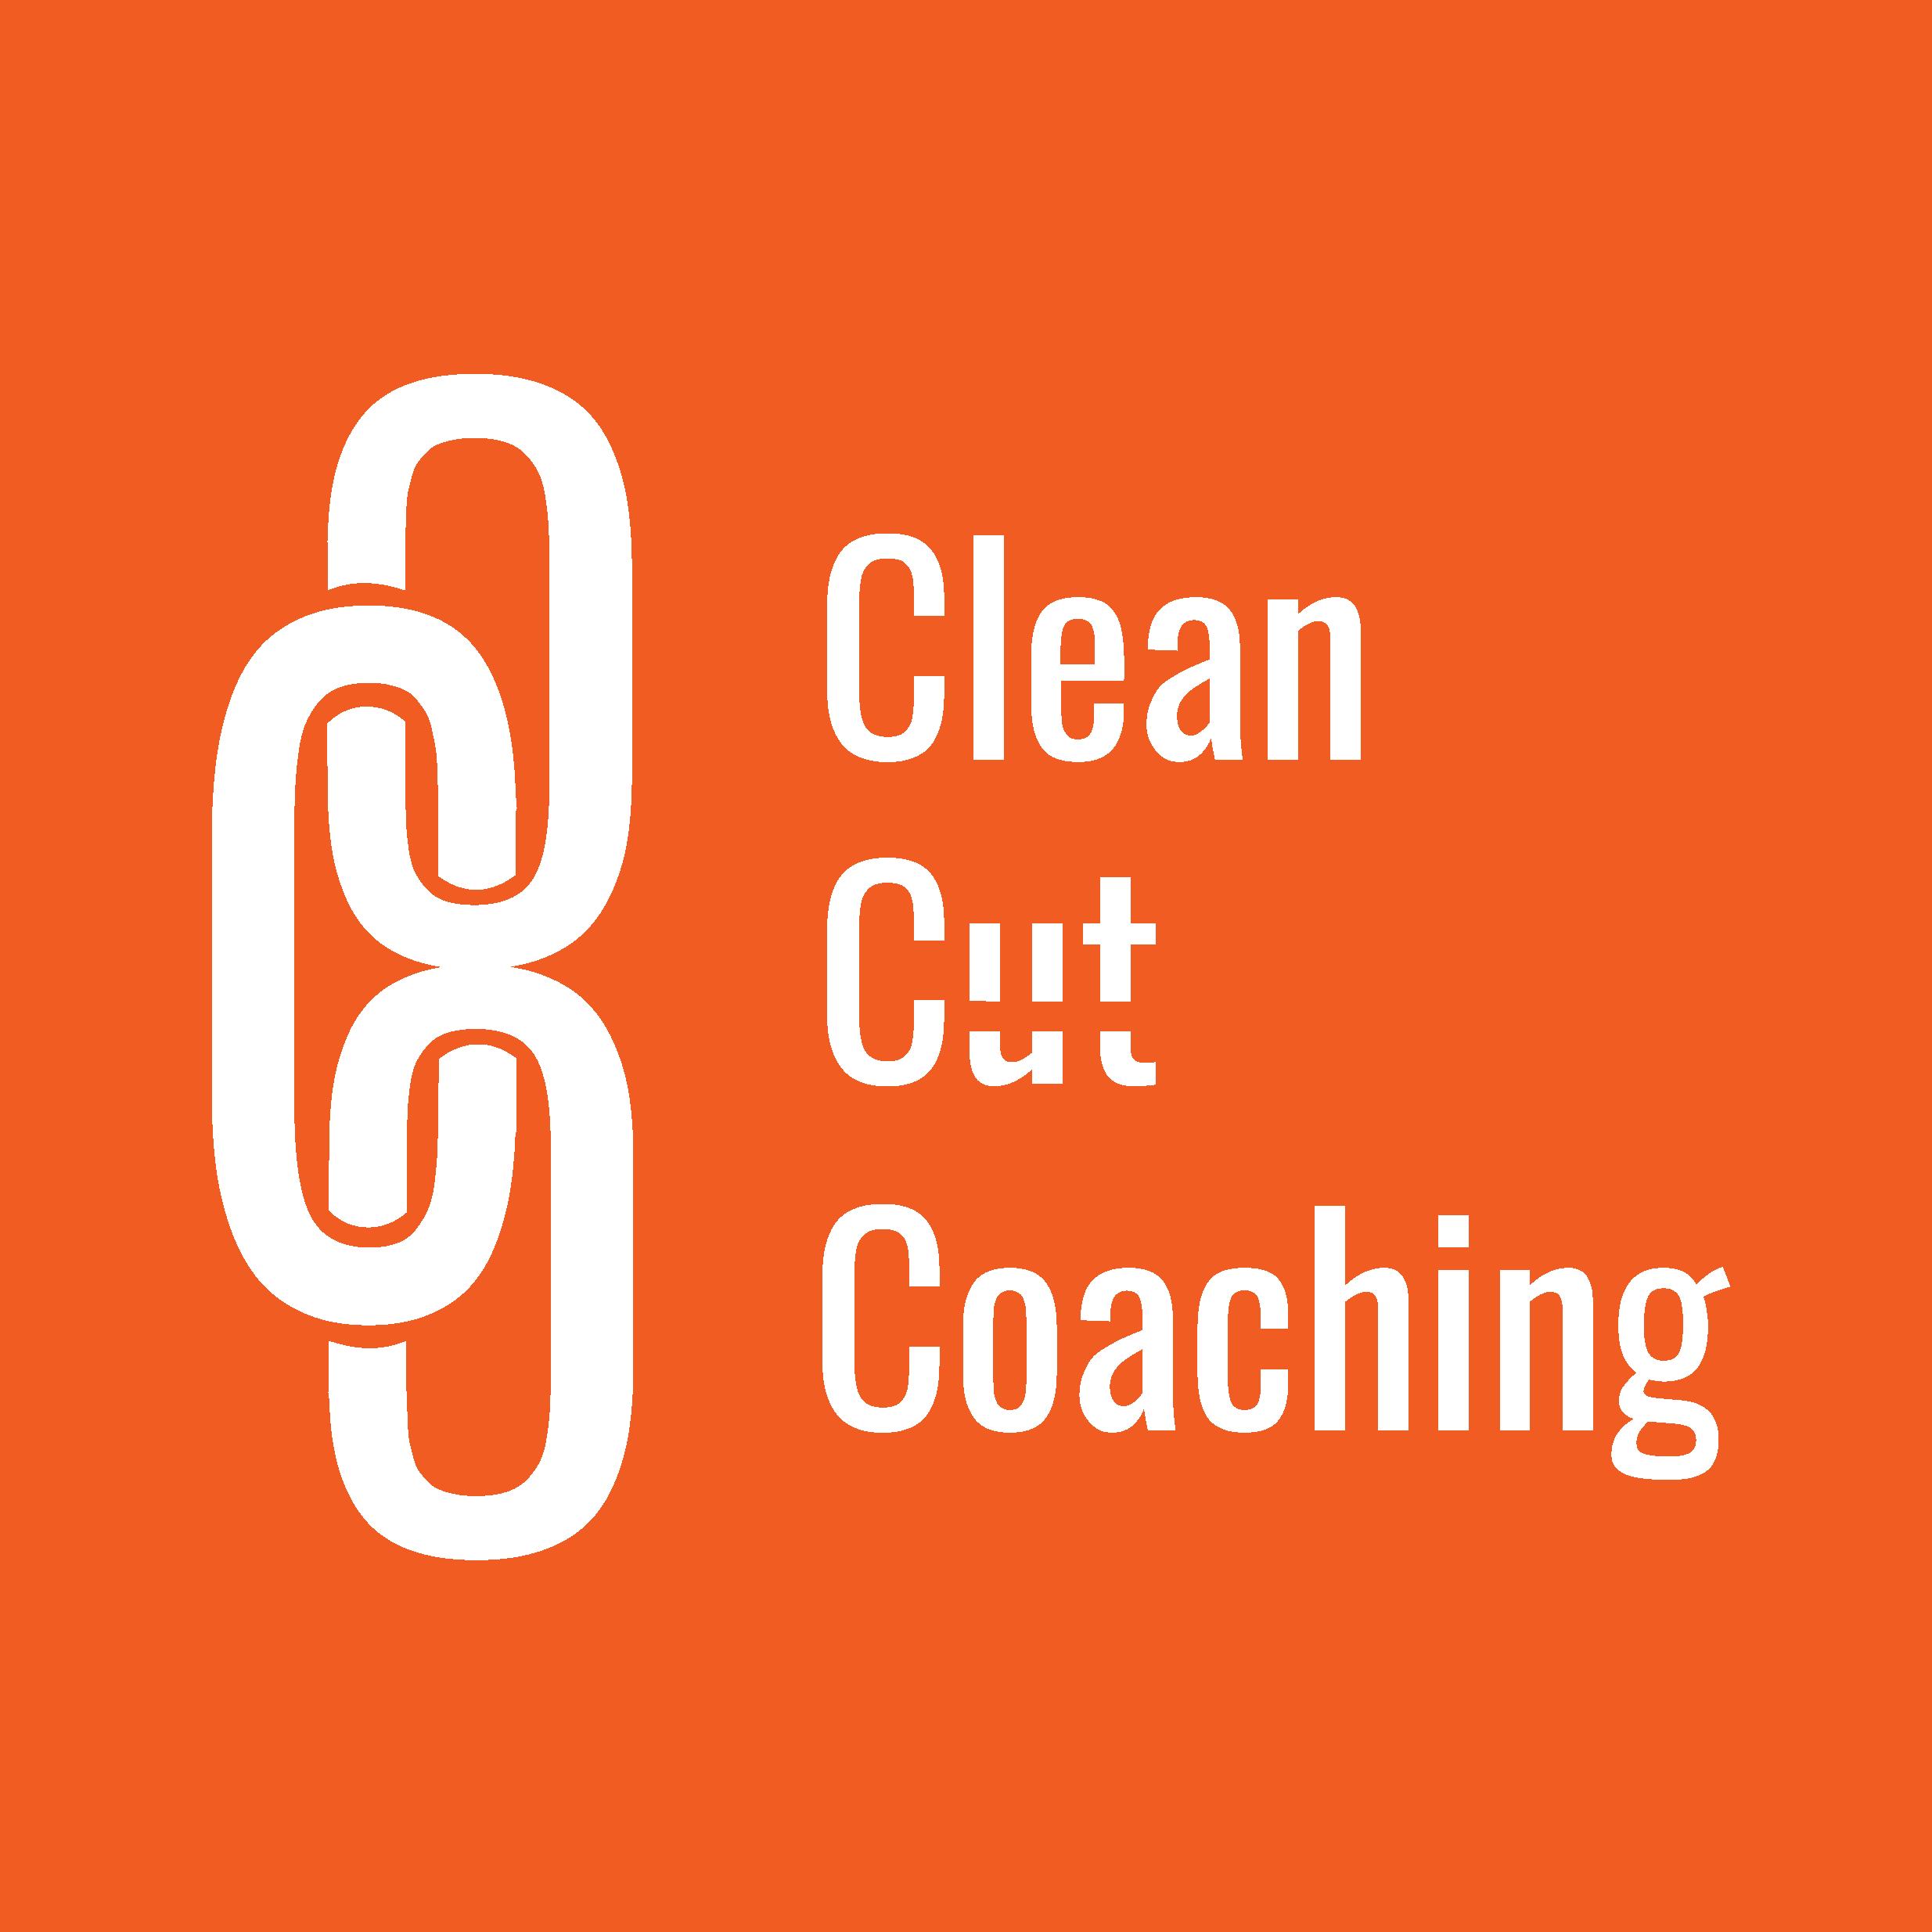 ccc_logovariation_orange.png